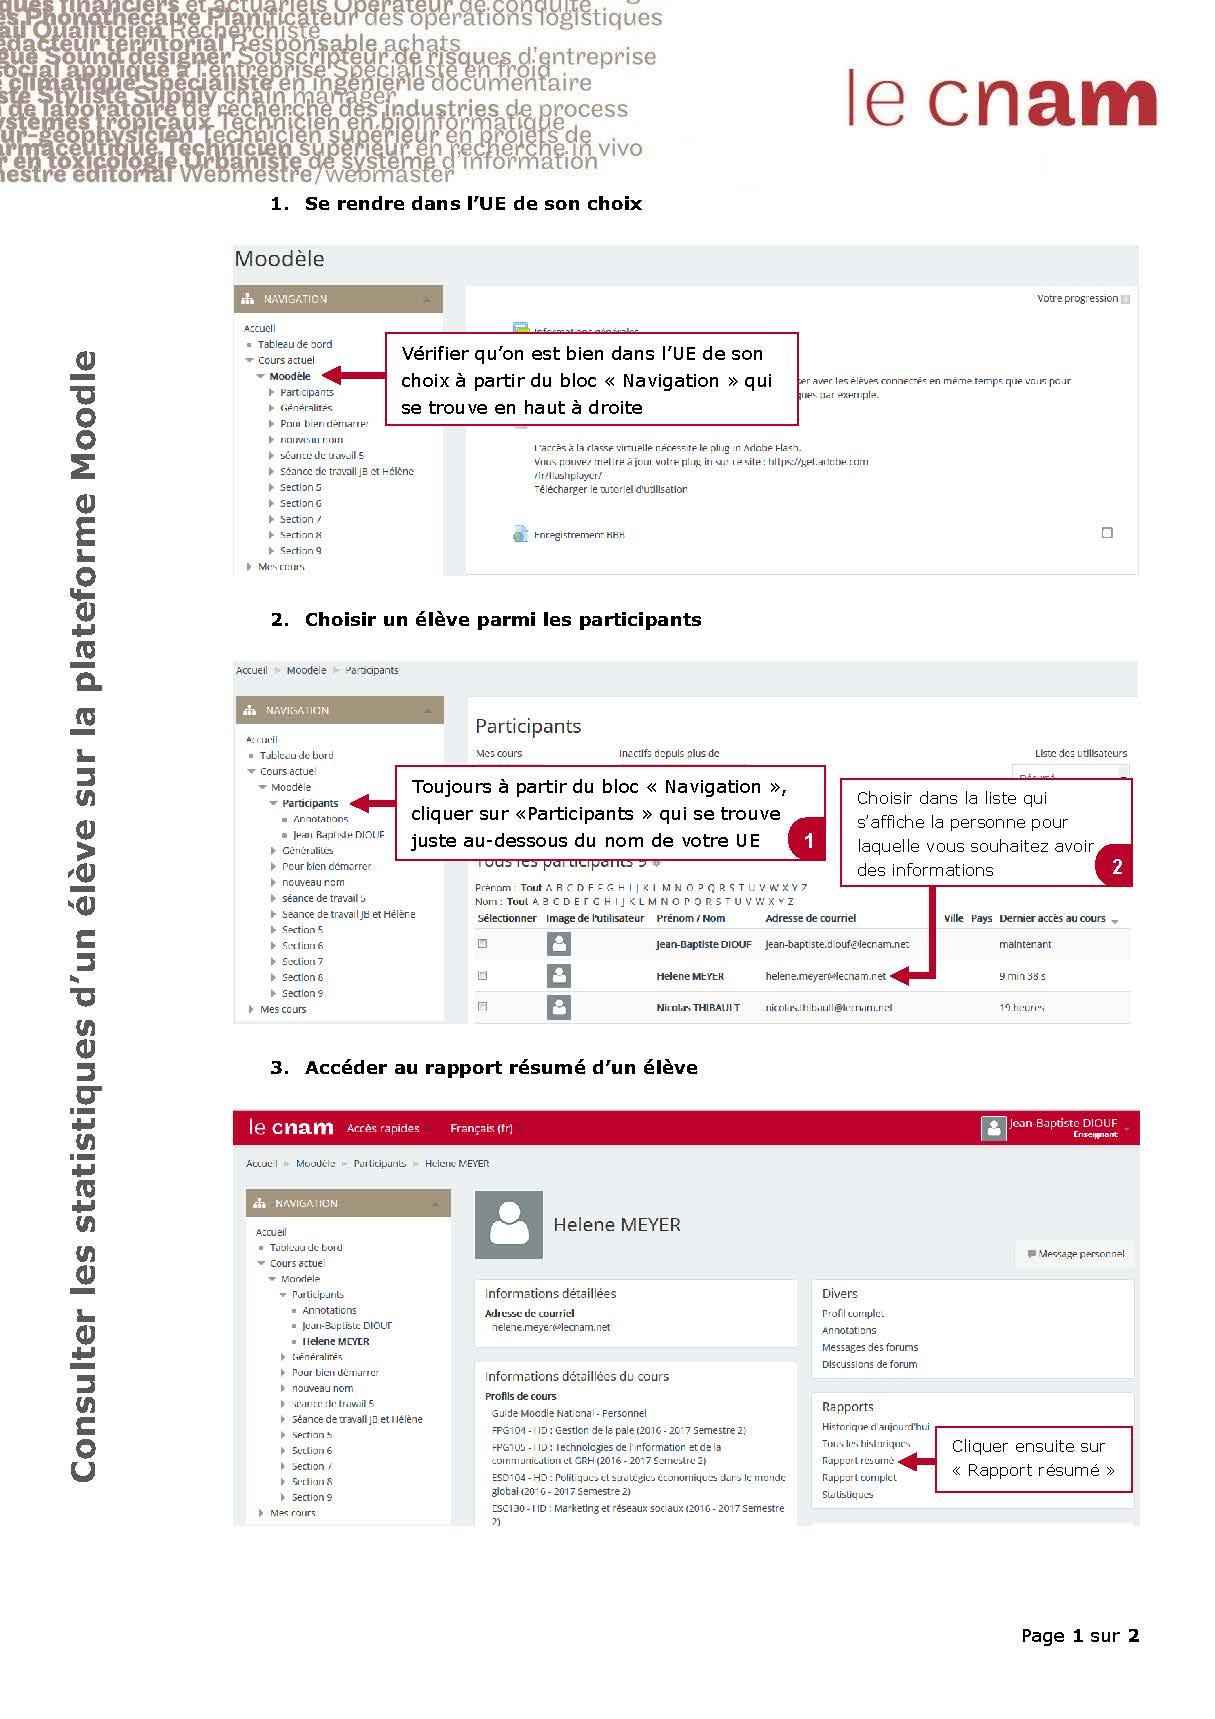 Consulter_les_statistiques_d'un_élève_sur_la_plateforme_Moodle_Page_1